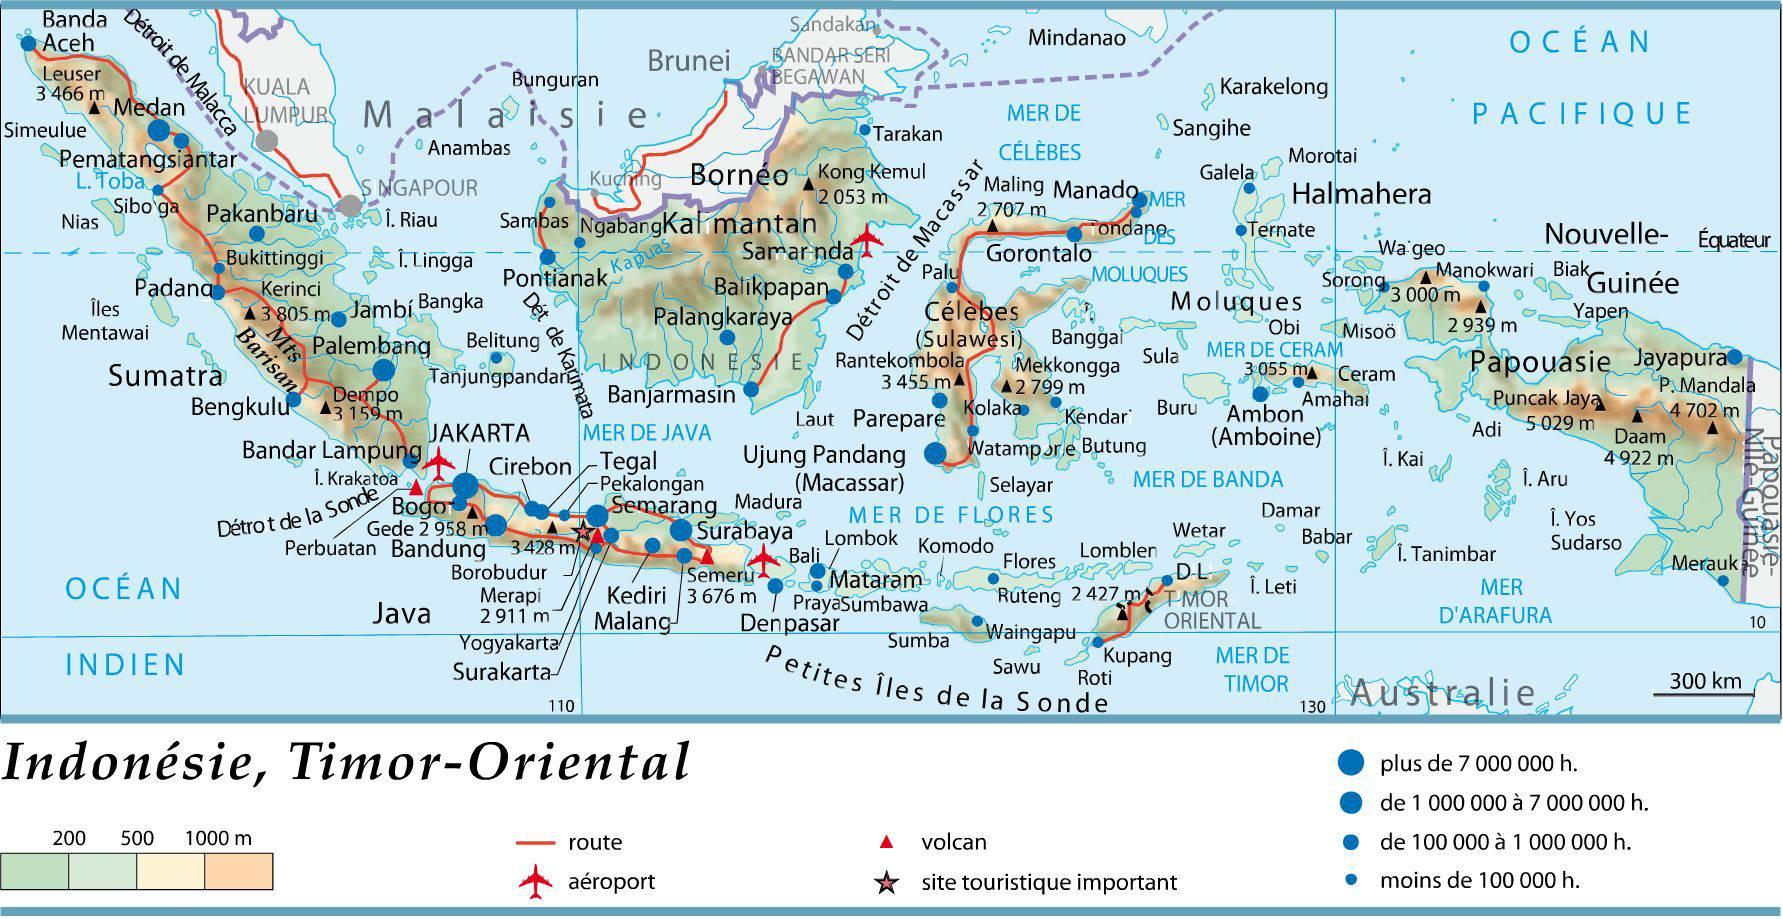 Carte géographique de l'Indonésie